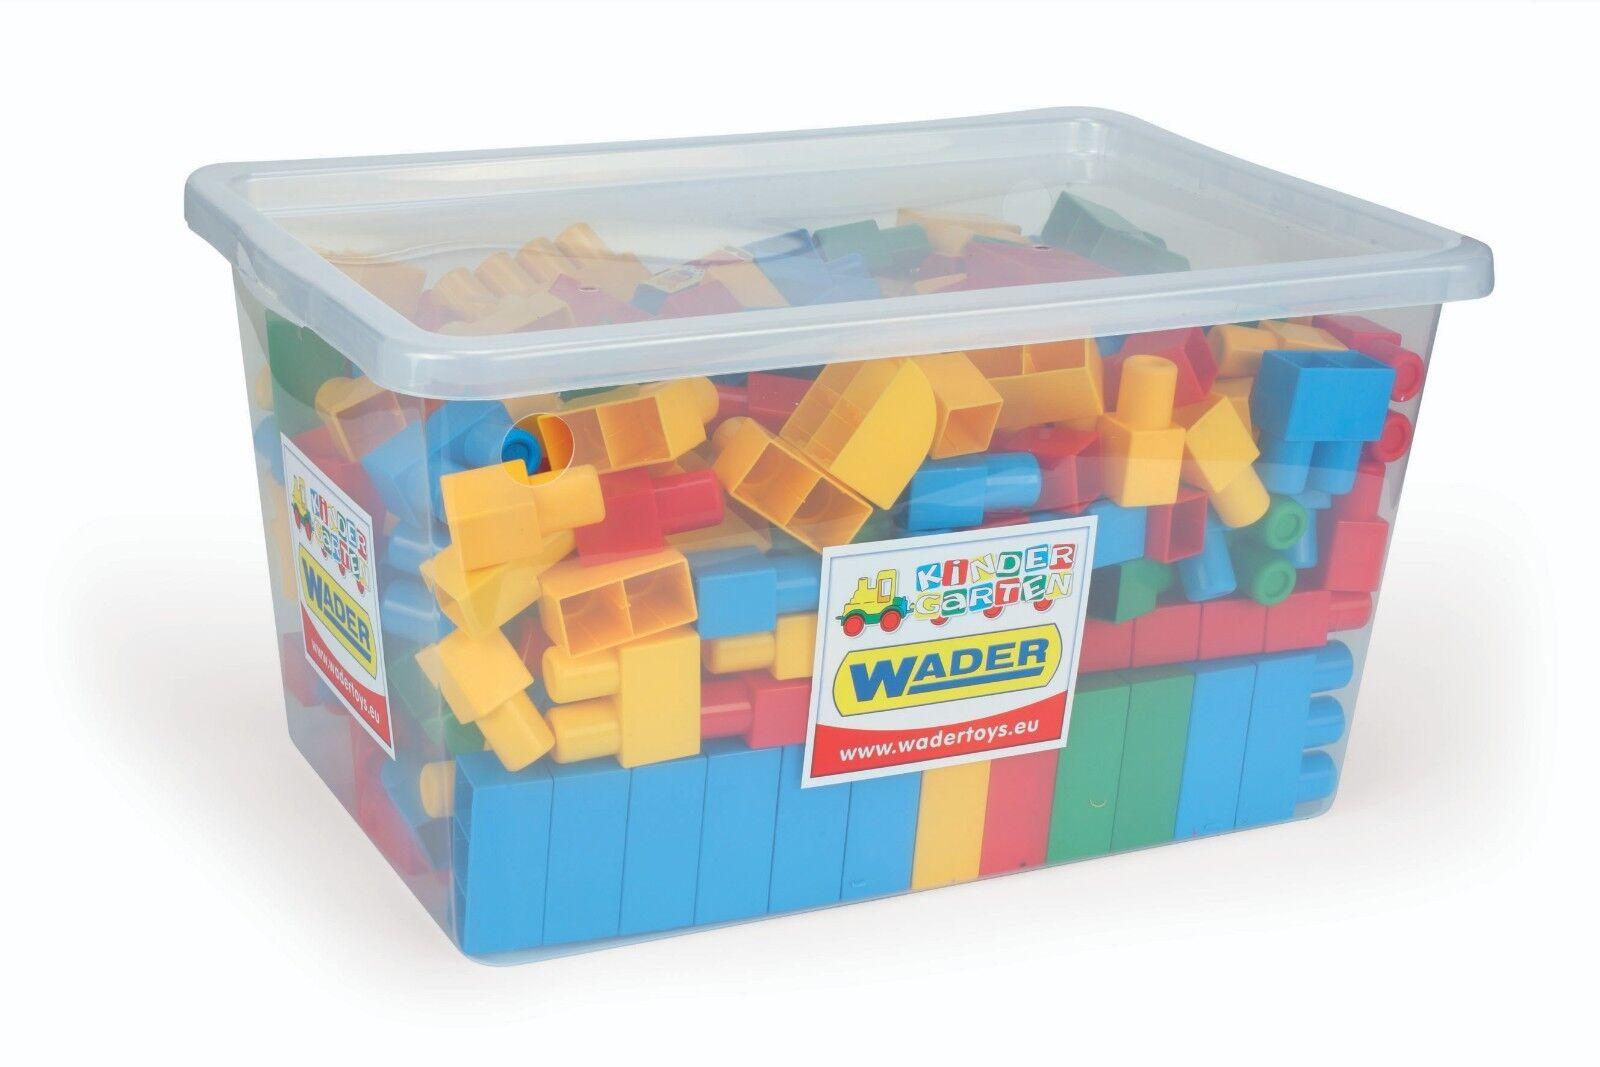 Bauklötze Bausteine 240 Stück in praktischer Aufbewahrungsbox Aufbewahrungsbox Aufbewahrungsbox Wader fbb1b0